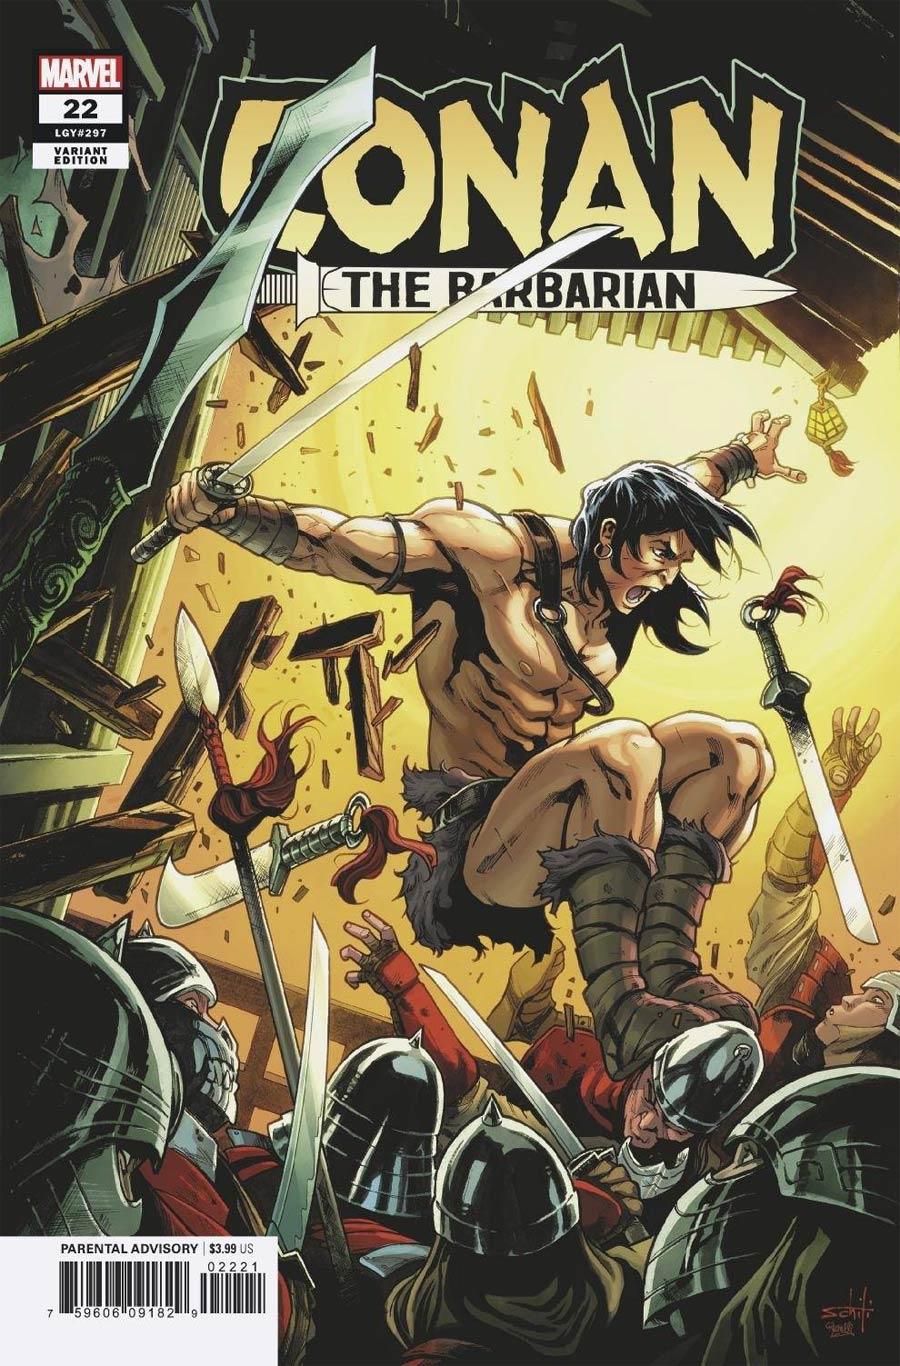 Conan The Barbarian Vol 4 #22 Cover B Incentive Valerio Schiti Variant Cover